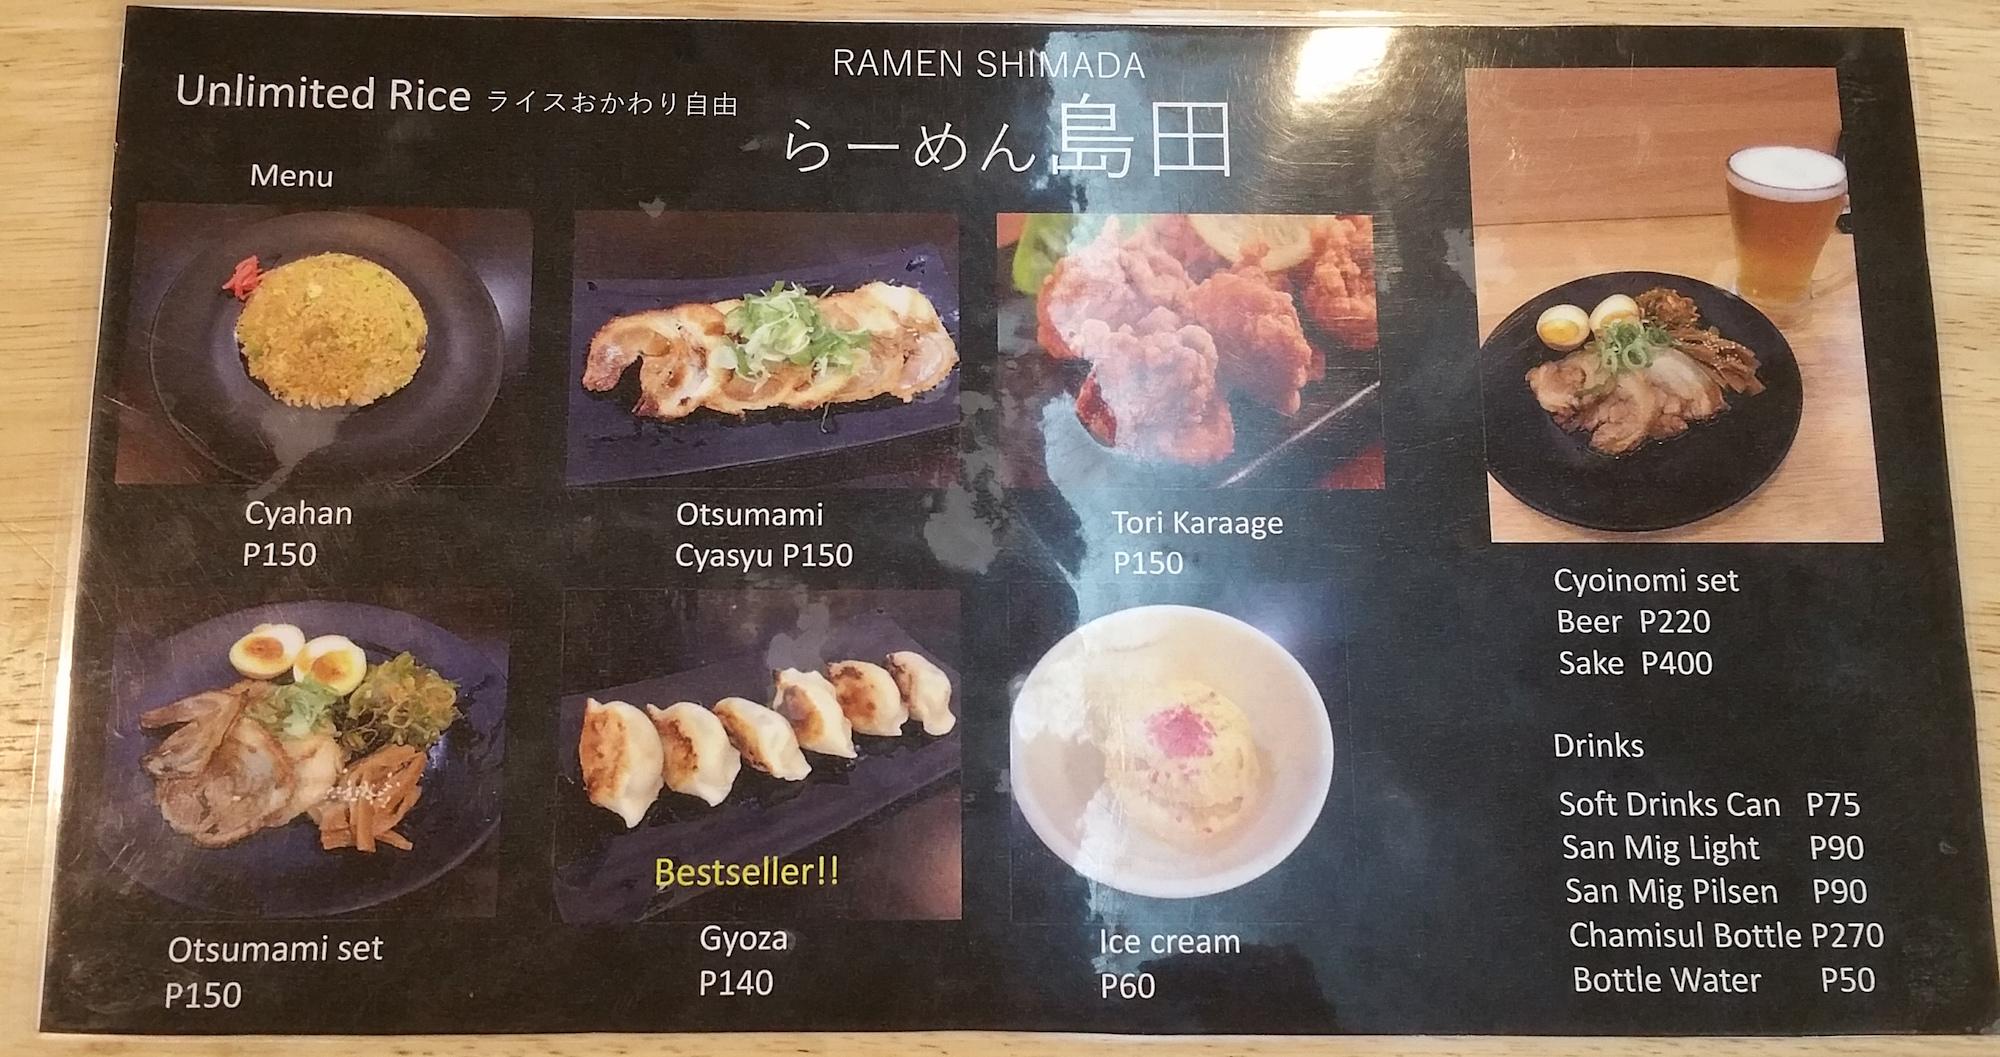 ラーメン島田メニュー